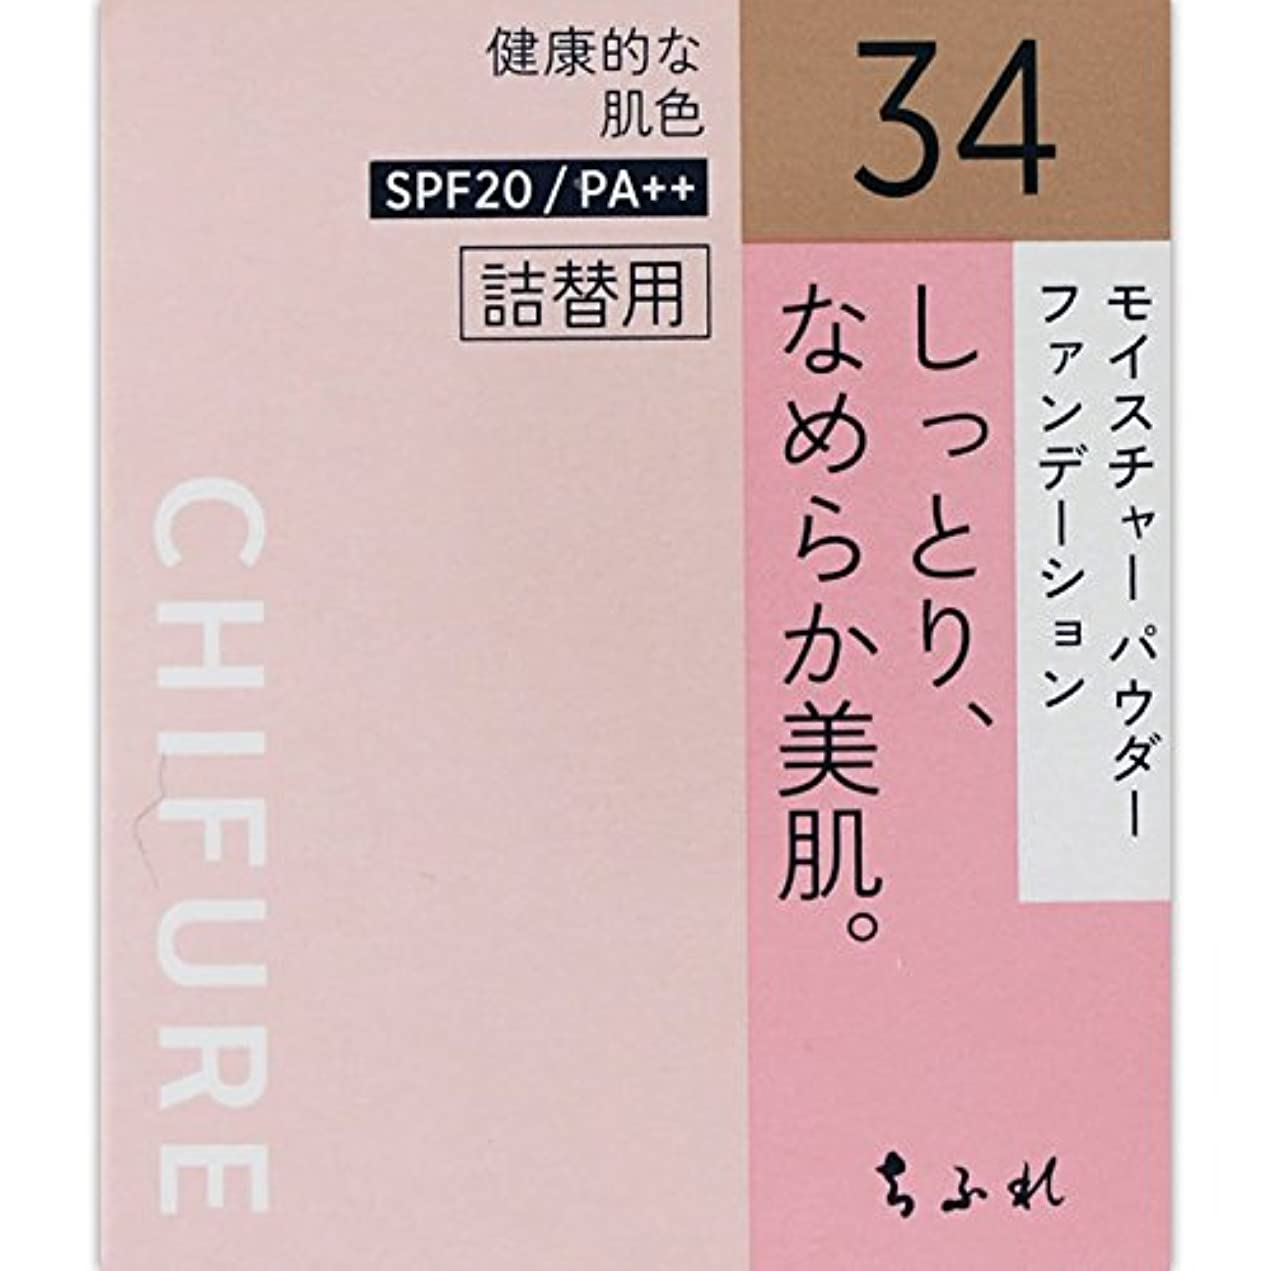 カバー他の場所フリンジちふれ化粧品 モイスチャー パウダーファンデーション 詰替用 オークル系 MパウダーFD詰替用34